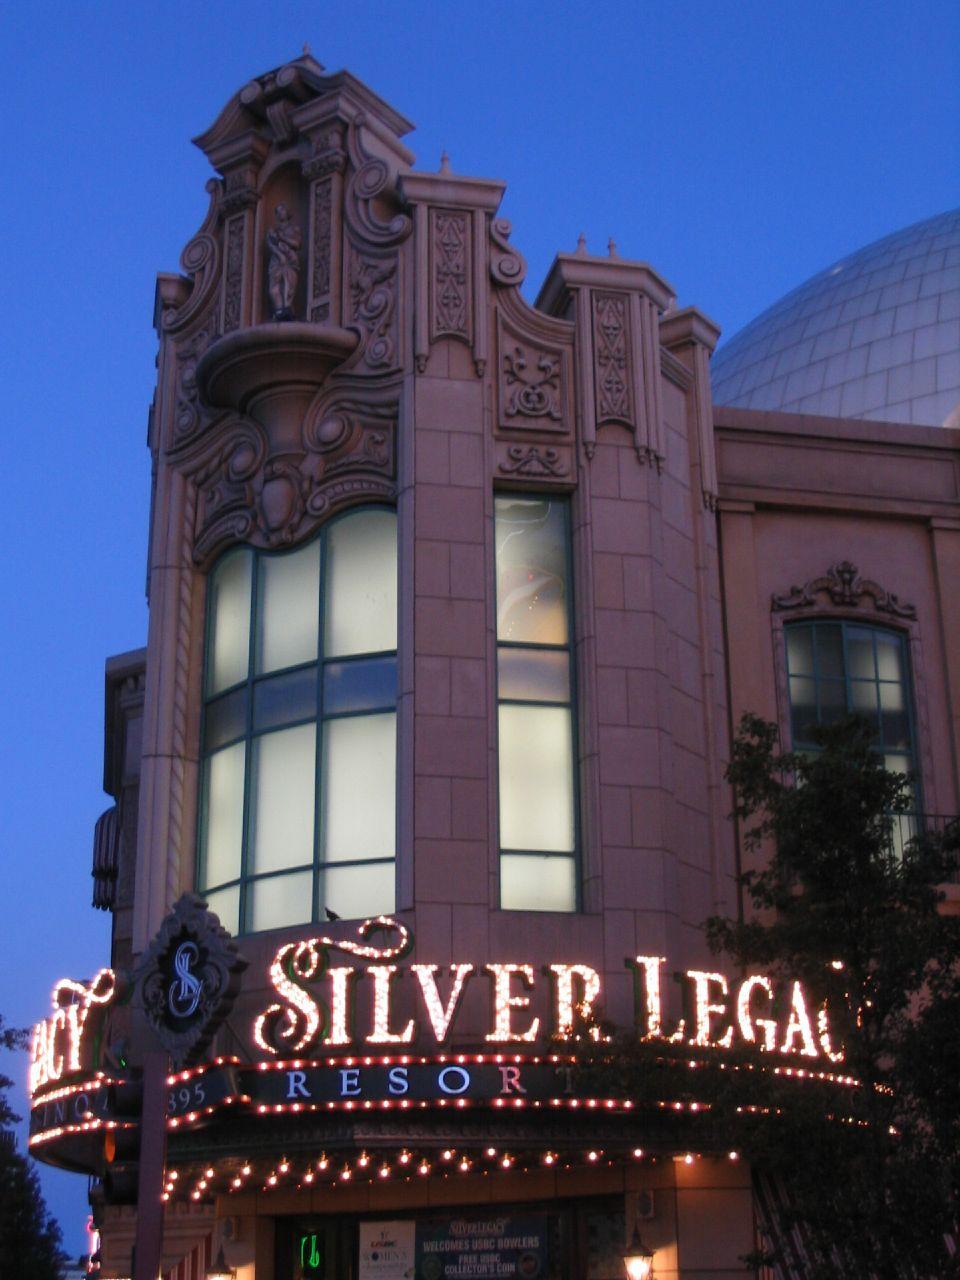 Silver legacy hotel casino reno casino missouri